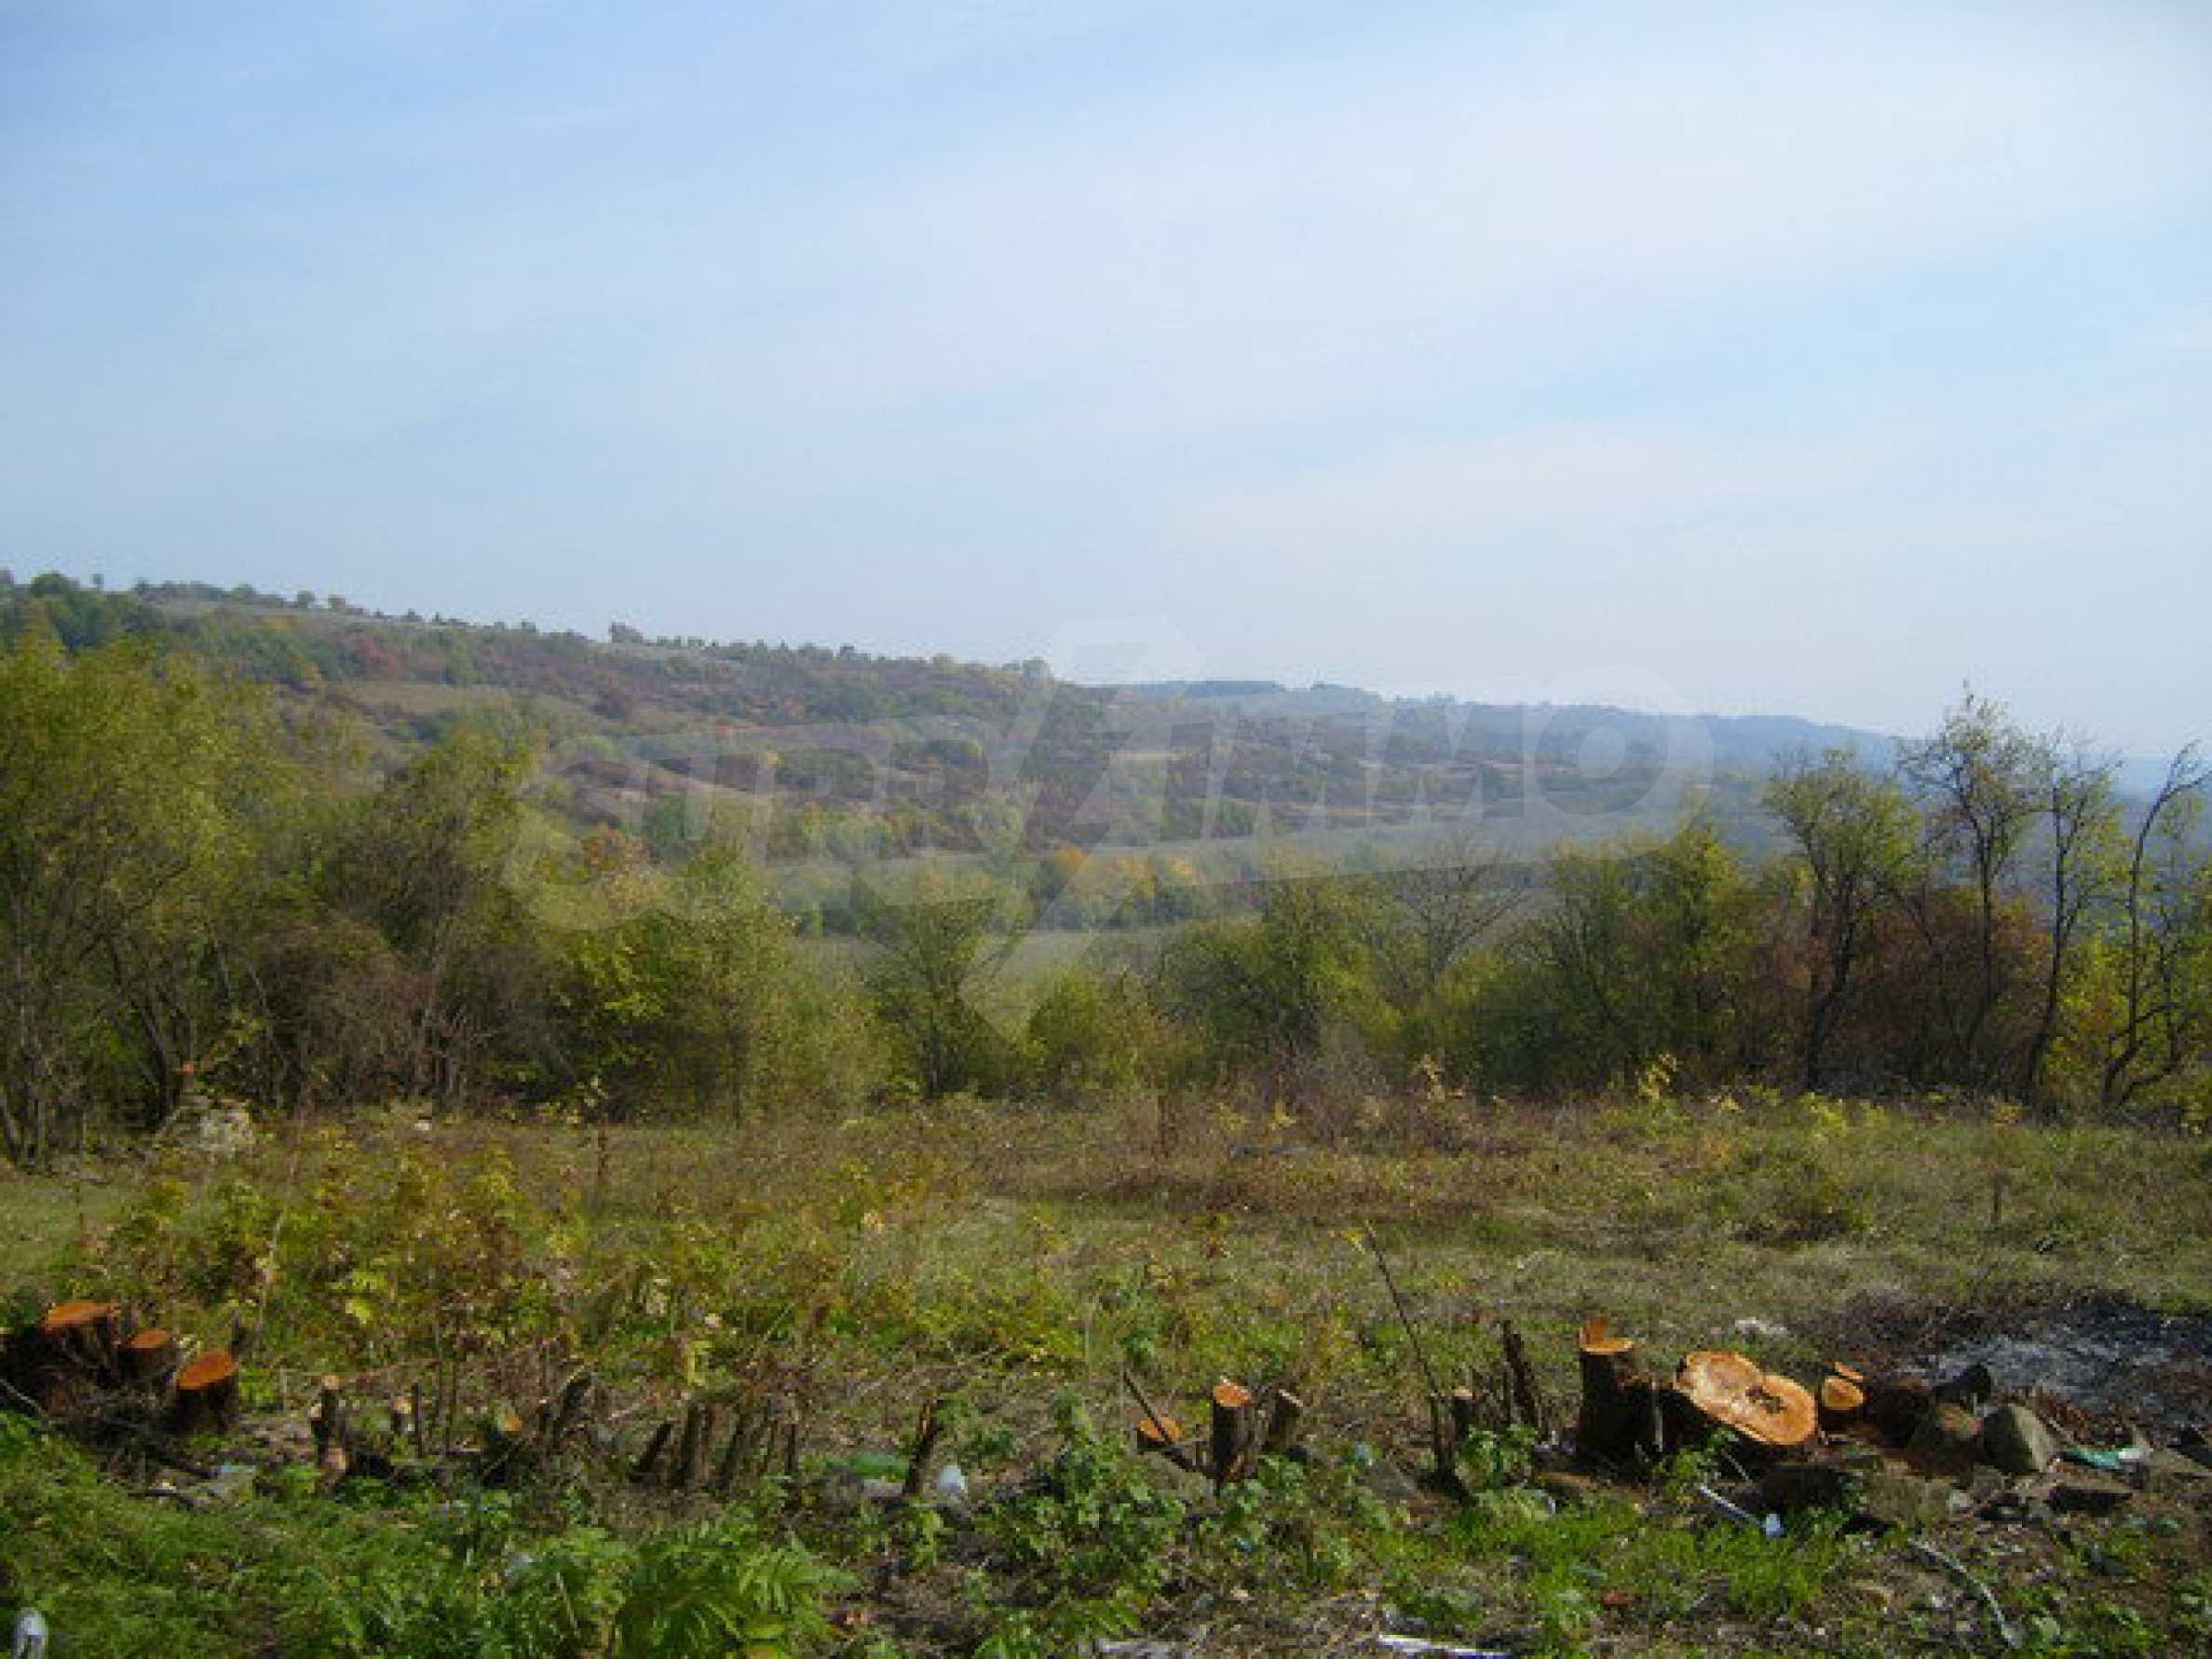 Земельный участок в деревне с красивым пейзажем